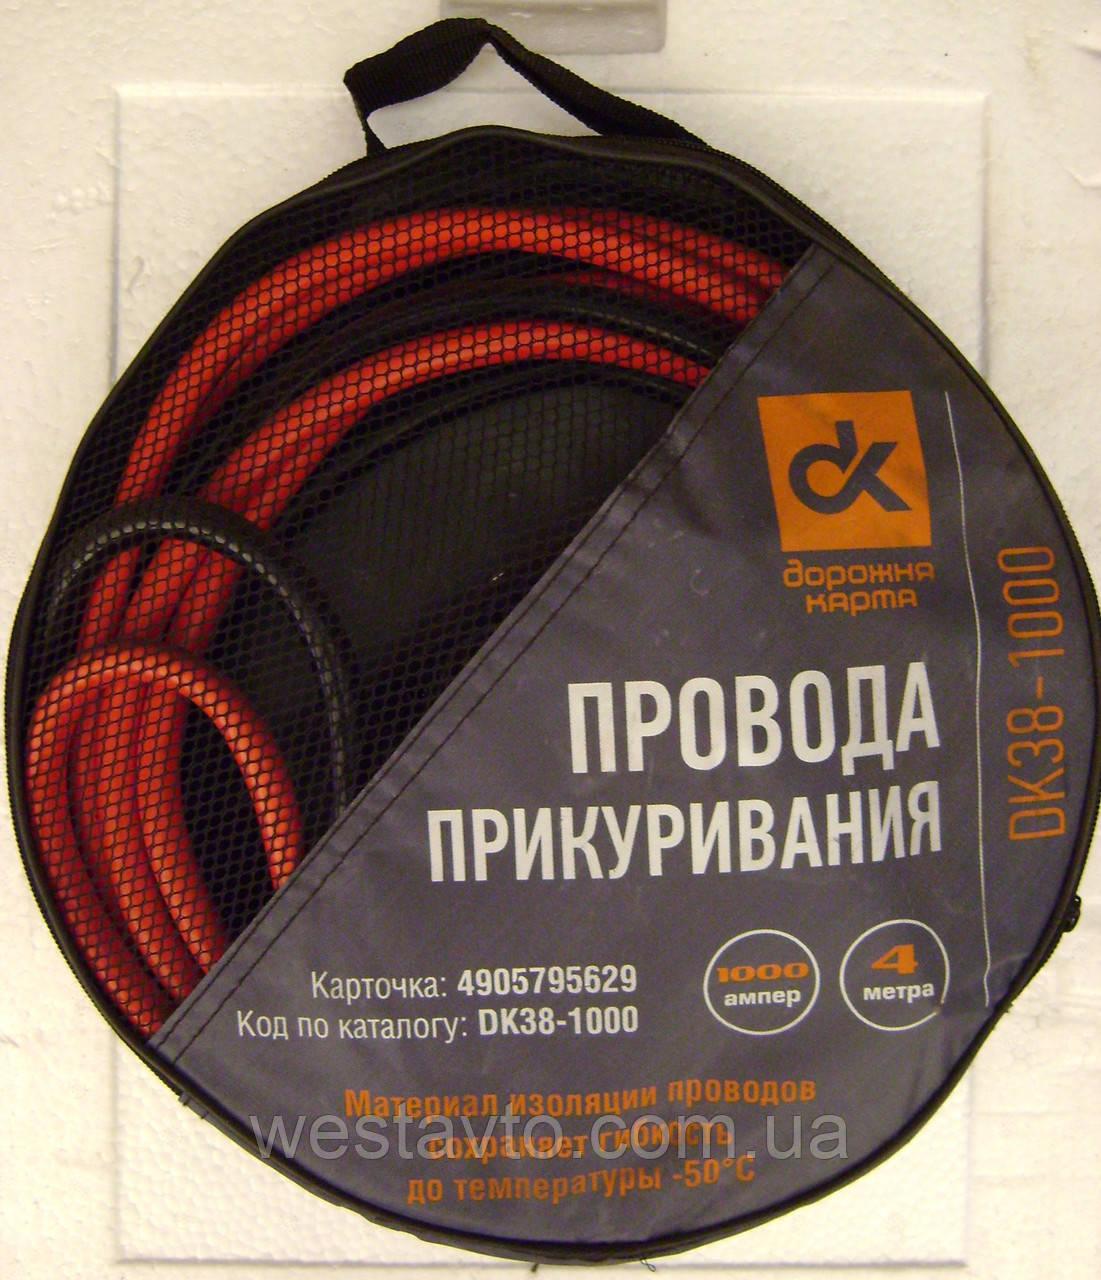 Провод прикуривания 1000 А, 4м (-50) ДК